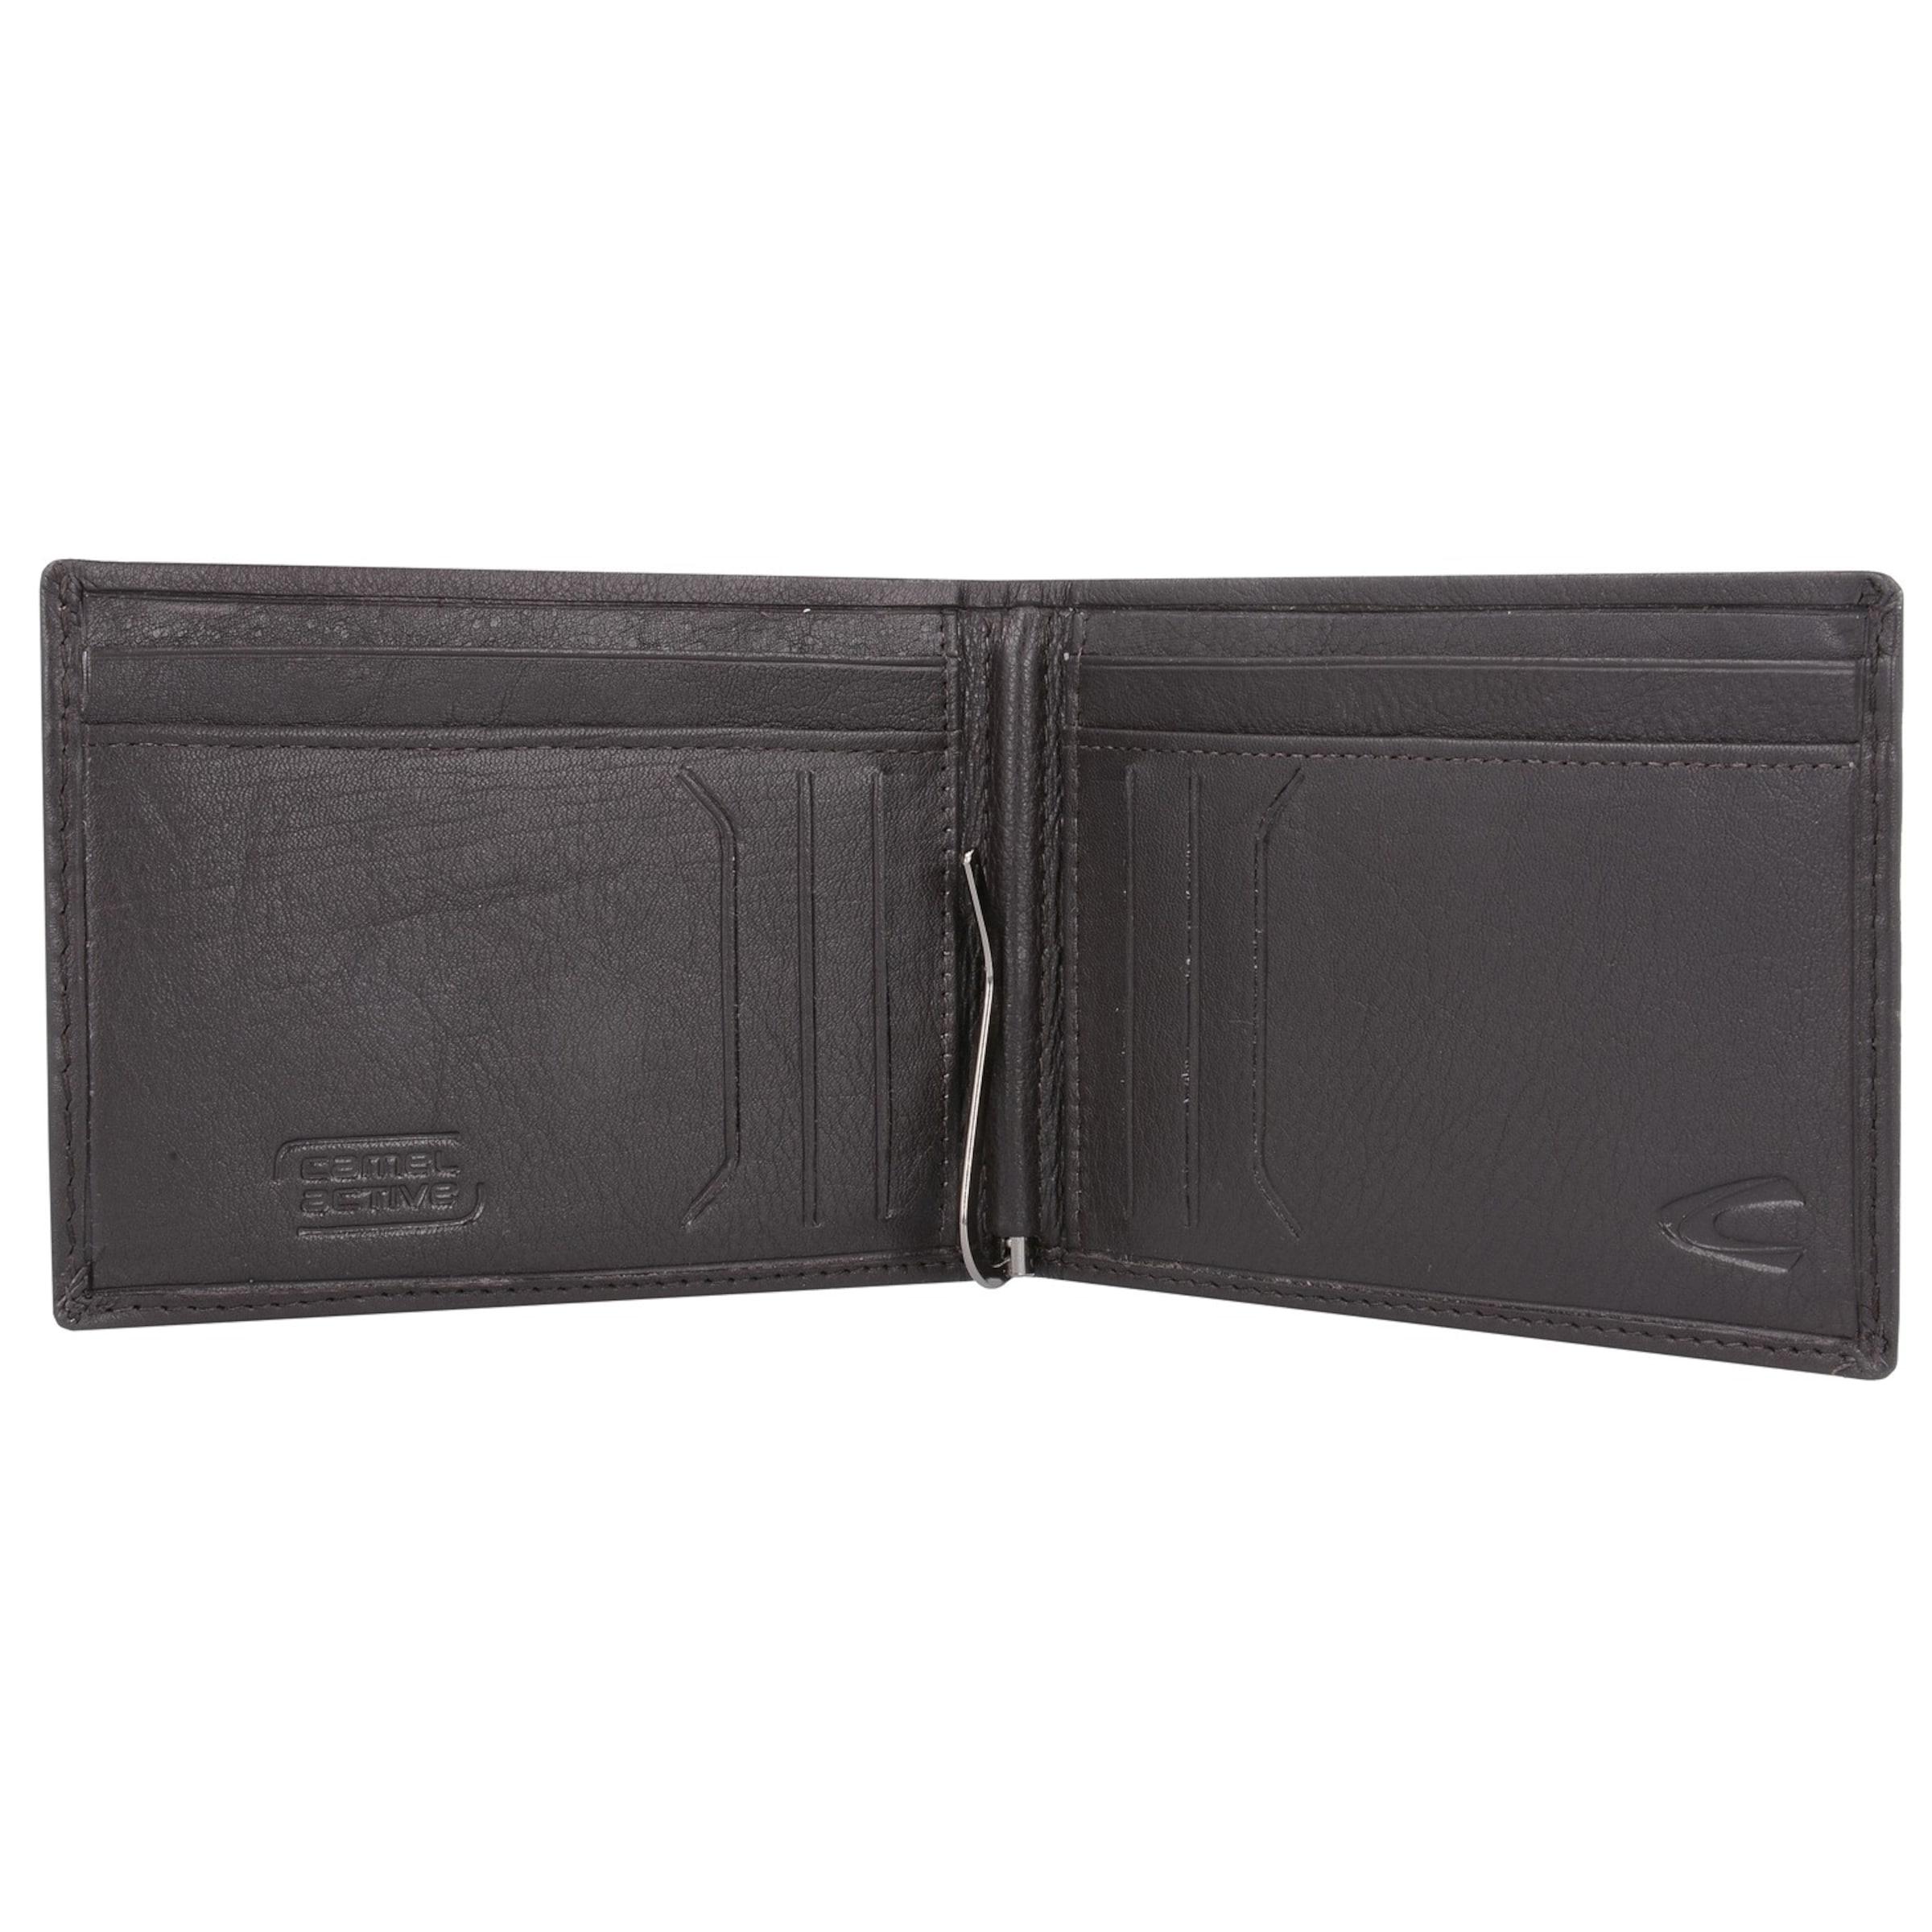 CAMEL ACTIVE Atlanta Geldbörse Leder 12 cm Günstig Kaufen Klassisch tDFTxO